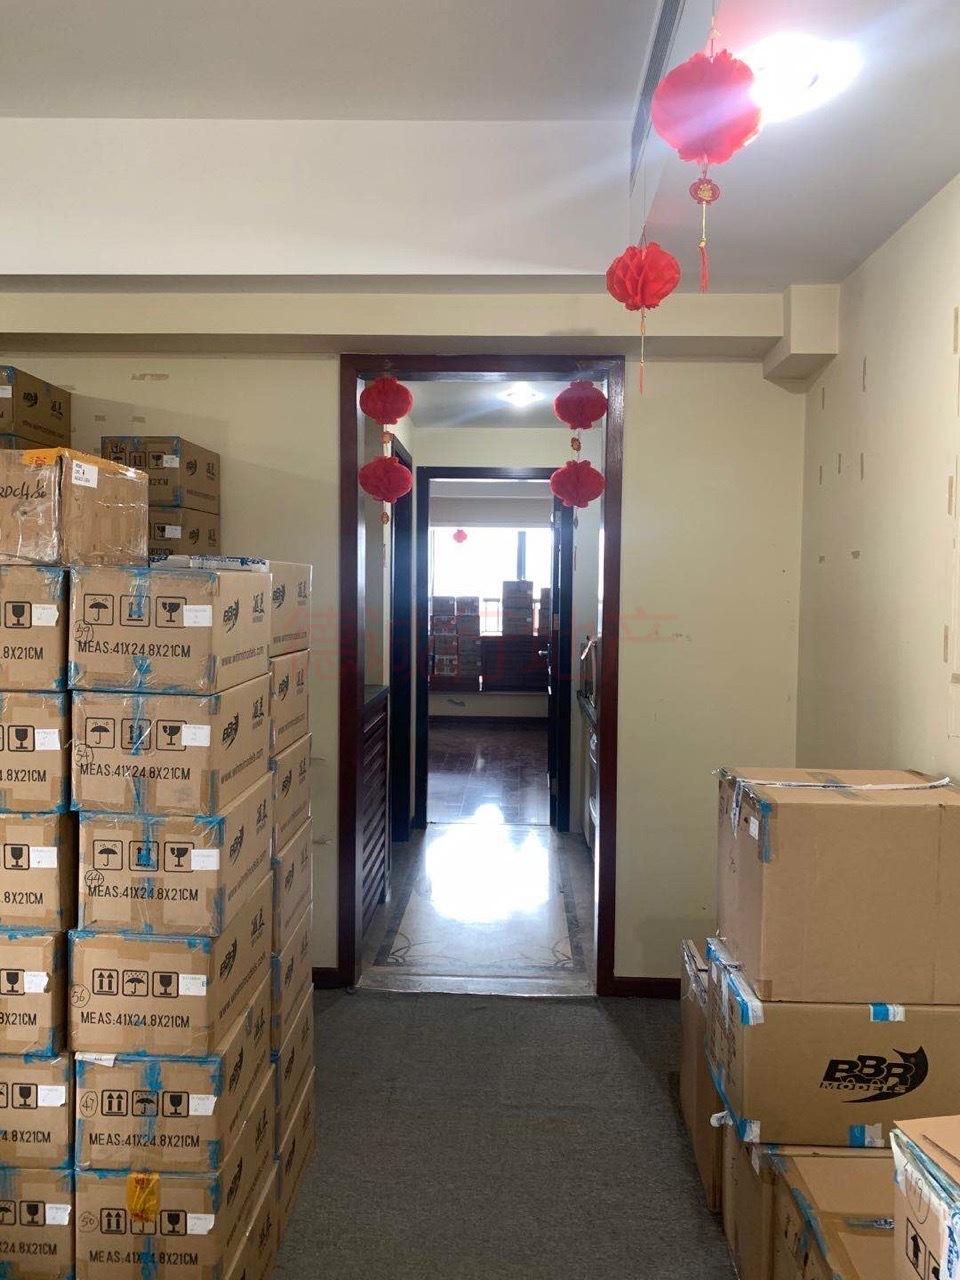 印象琶洲公寓1室1厅1卫西北朝向仅300万元